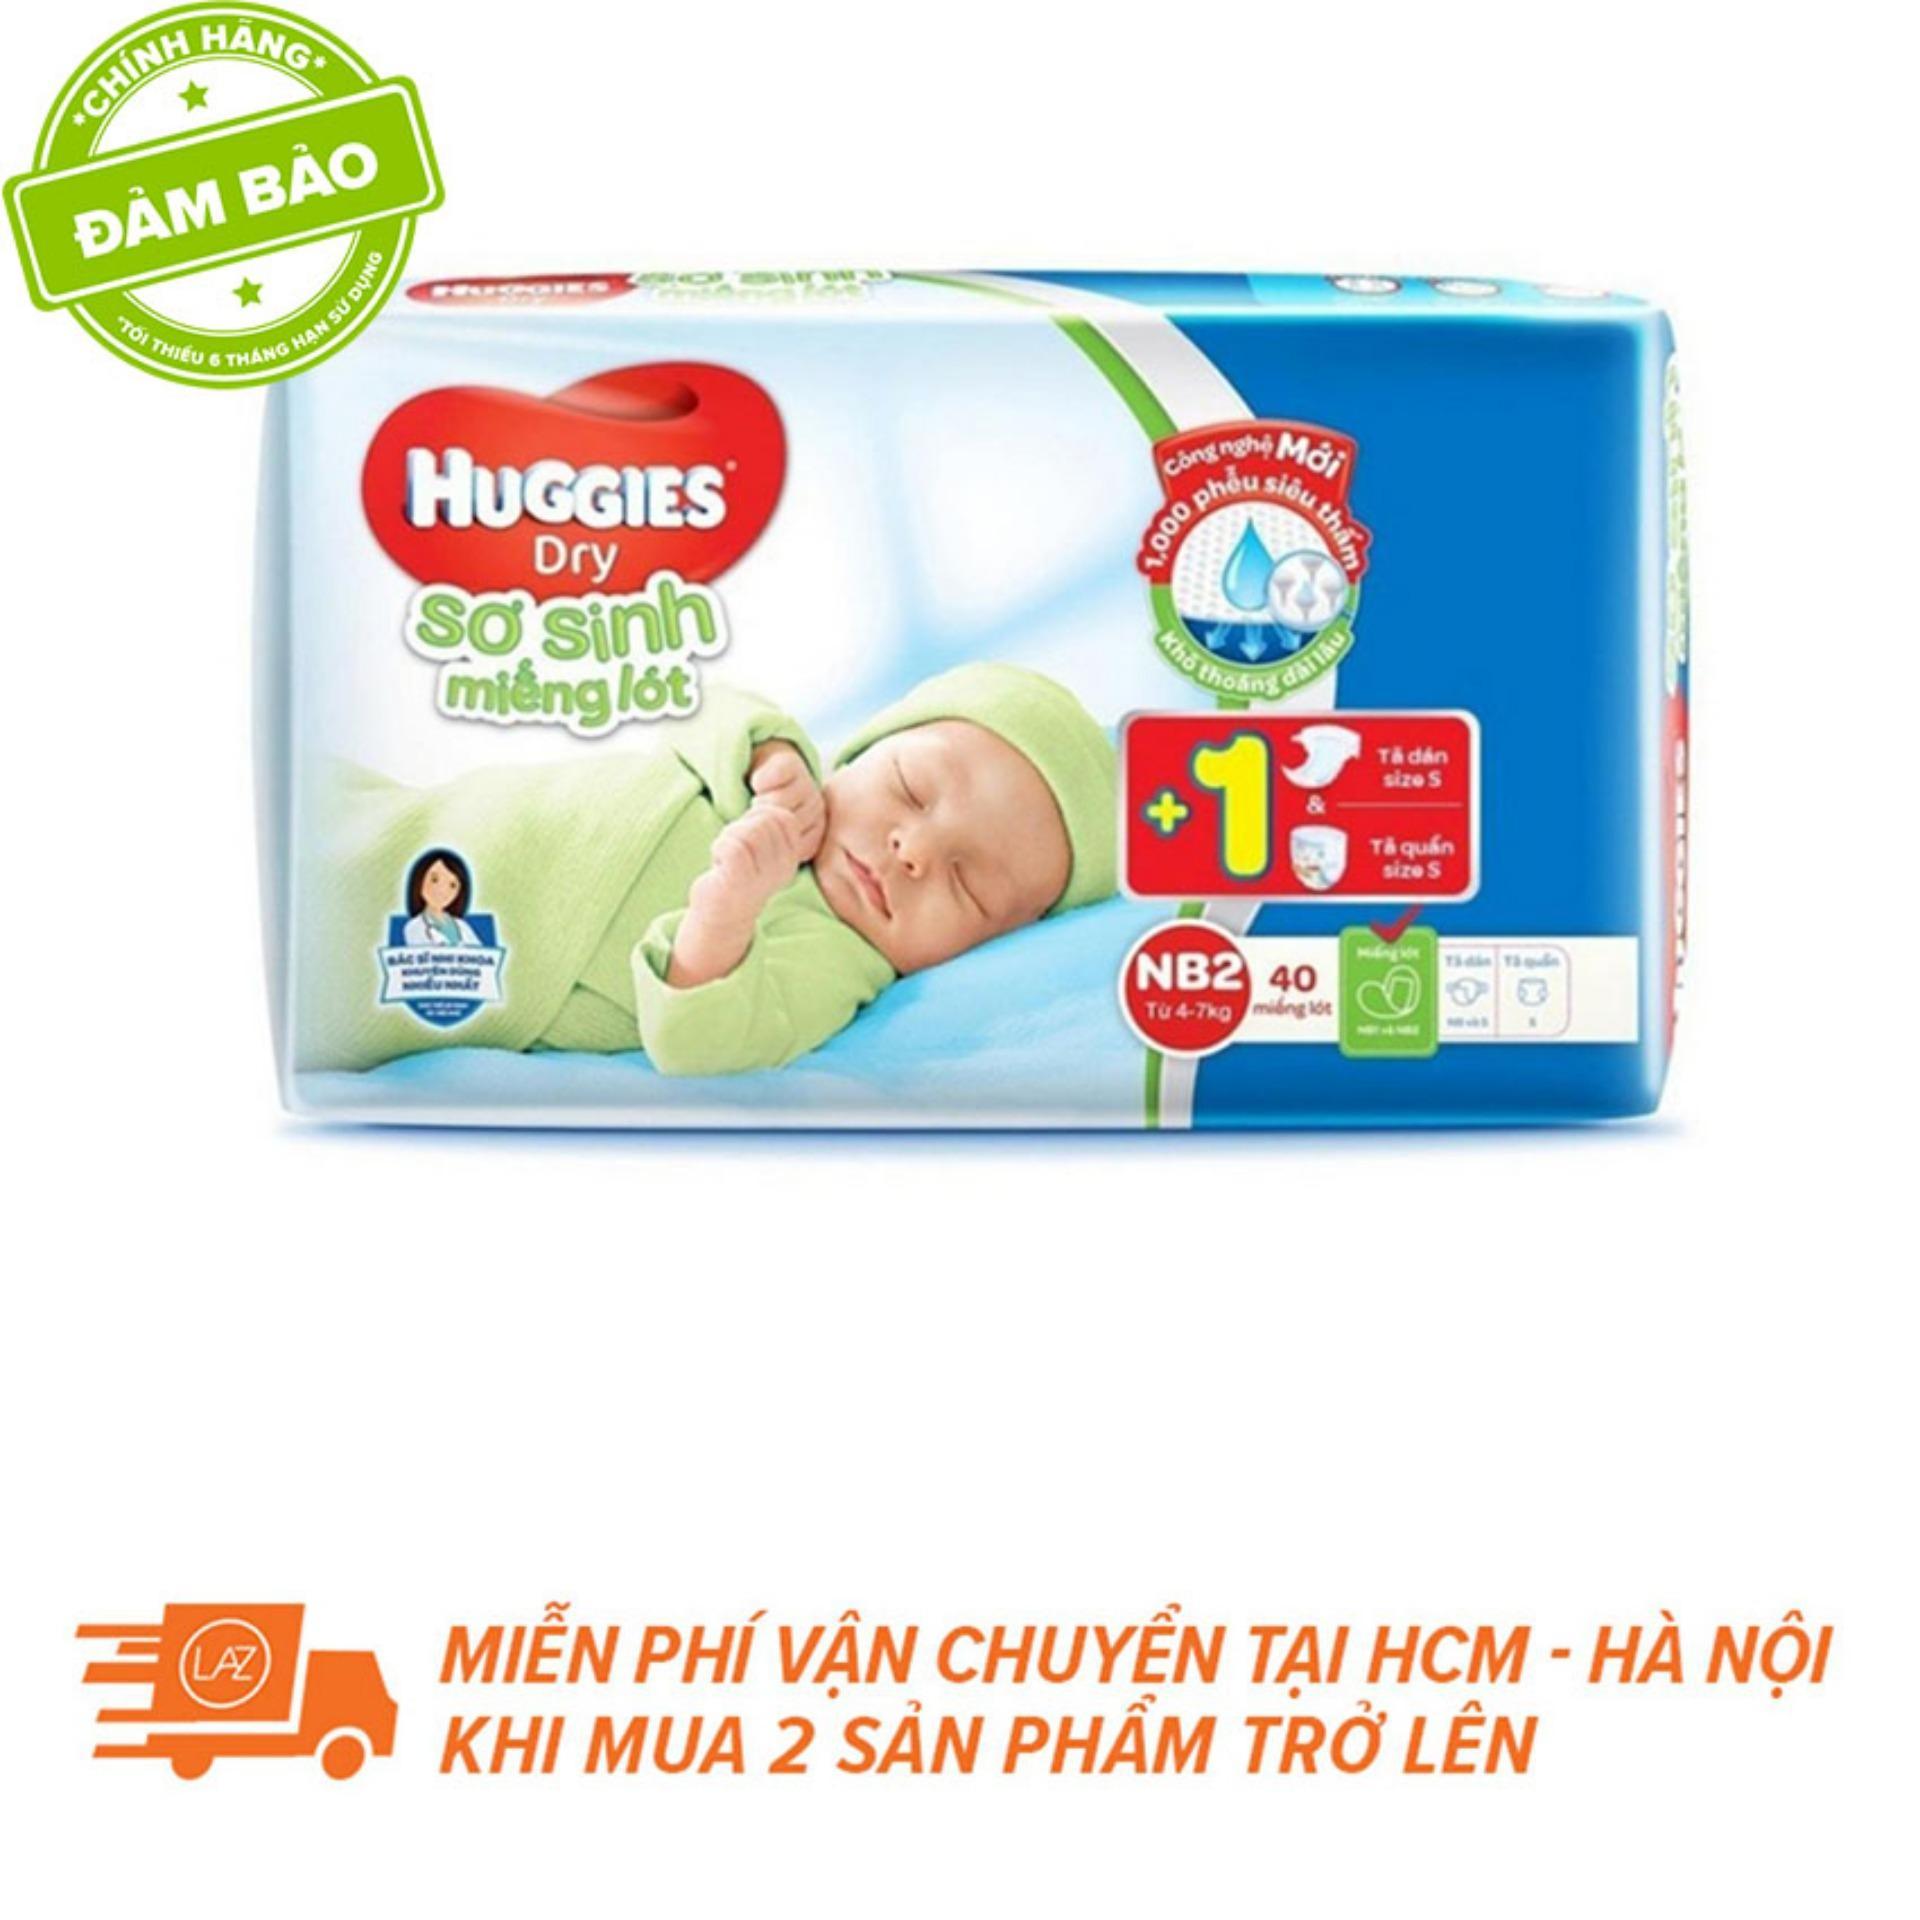 Miếng Lót Sơ Sinh Huggies Newborn 2 N40 (4-7kg) 40 Miếng + Tặng 1 Tã/bỉm Dán Và 1 Tã/bỉm Quần Sơ Sinh By Lazada Retail Huggies.